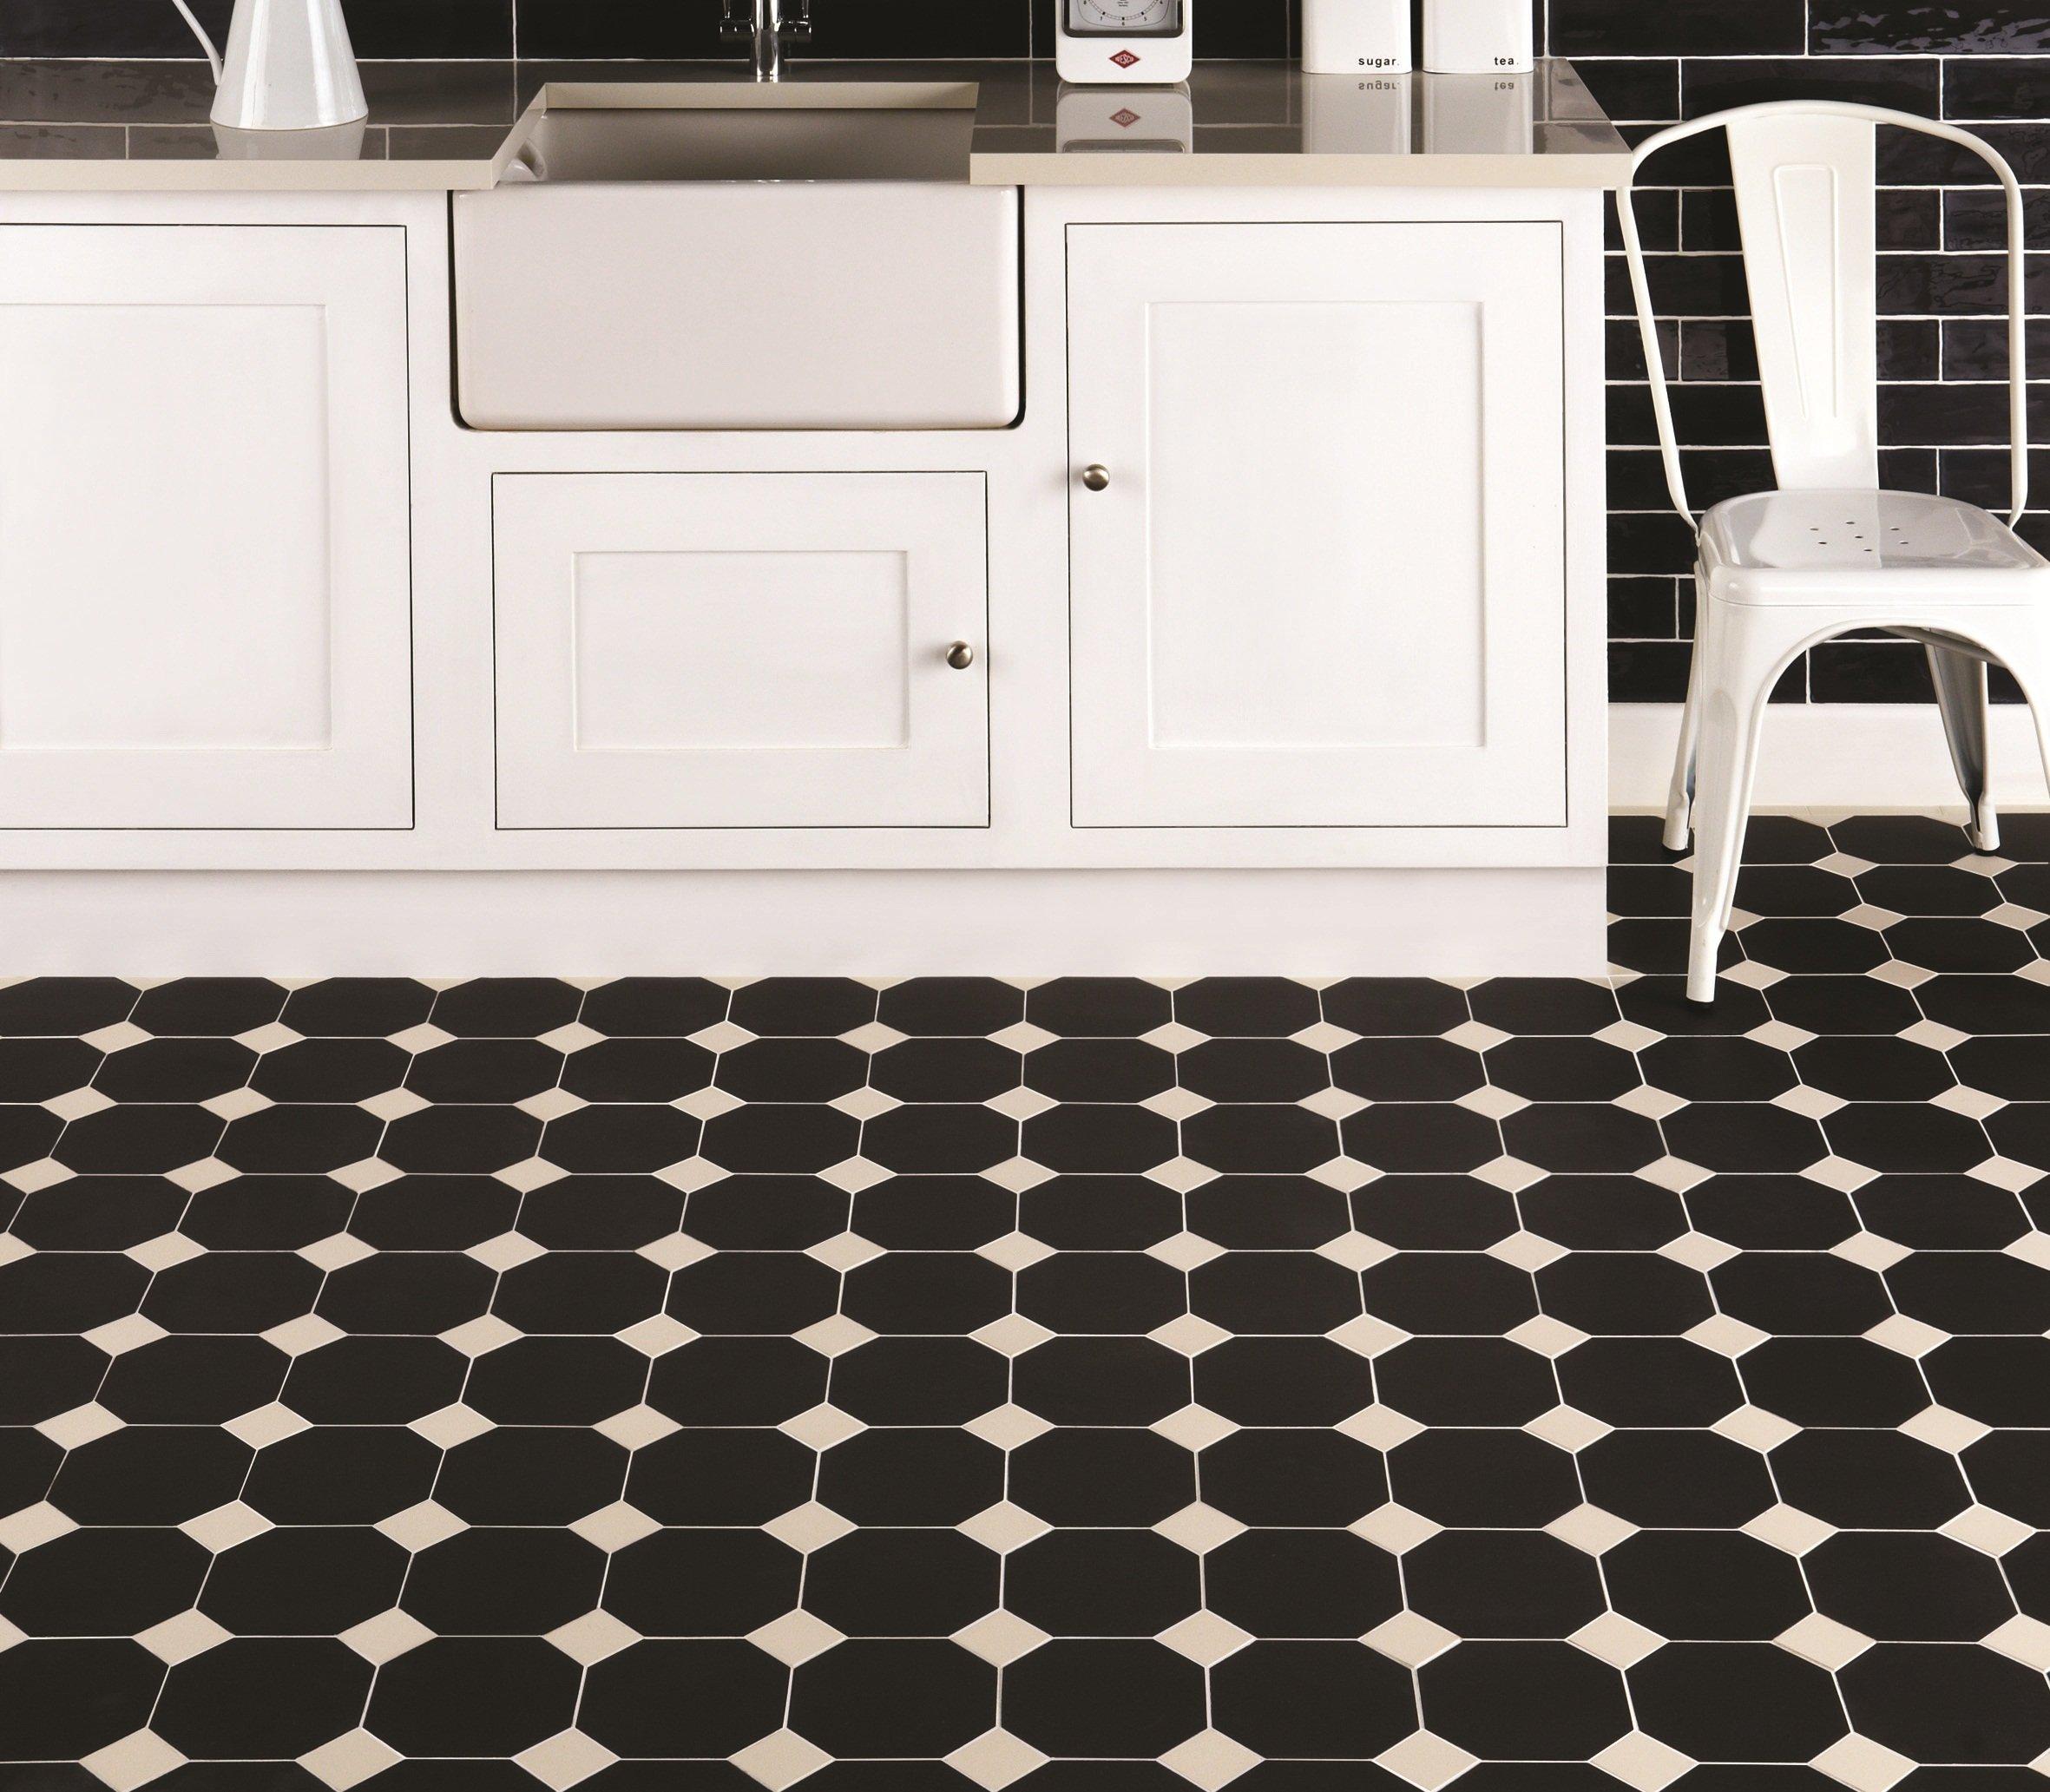 Victorian Kitchen Floor: Victorian/Geometric Floor Tiles